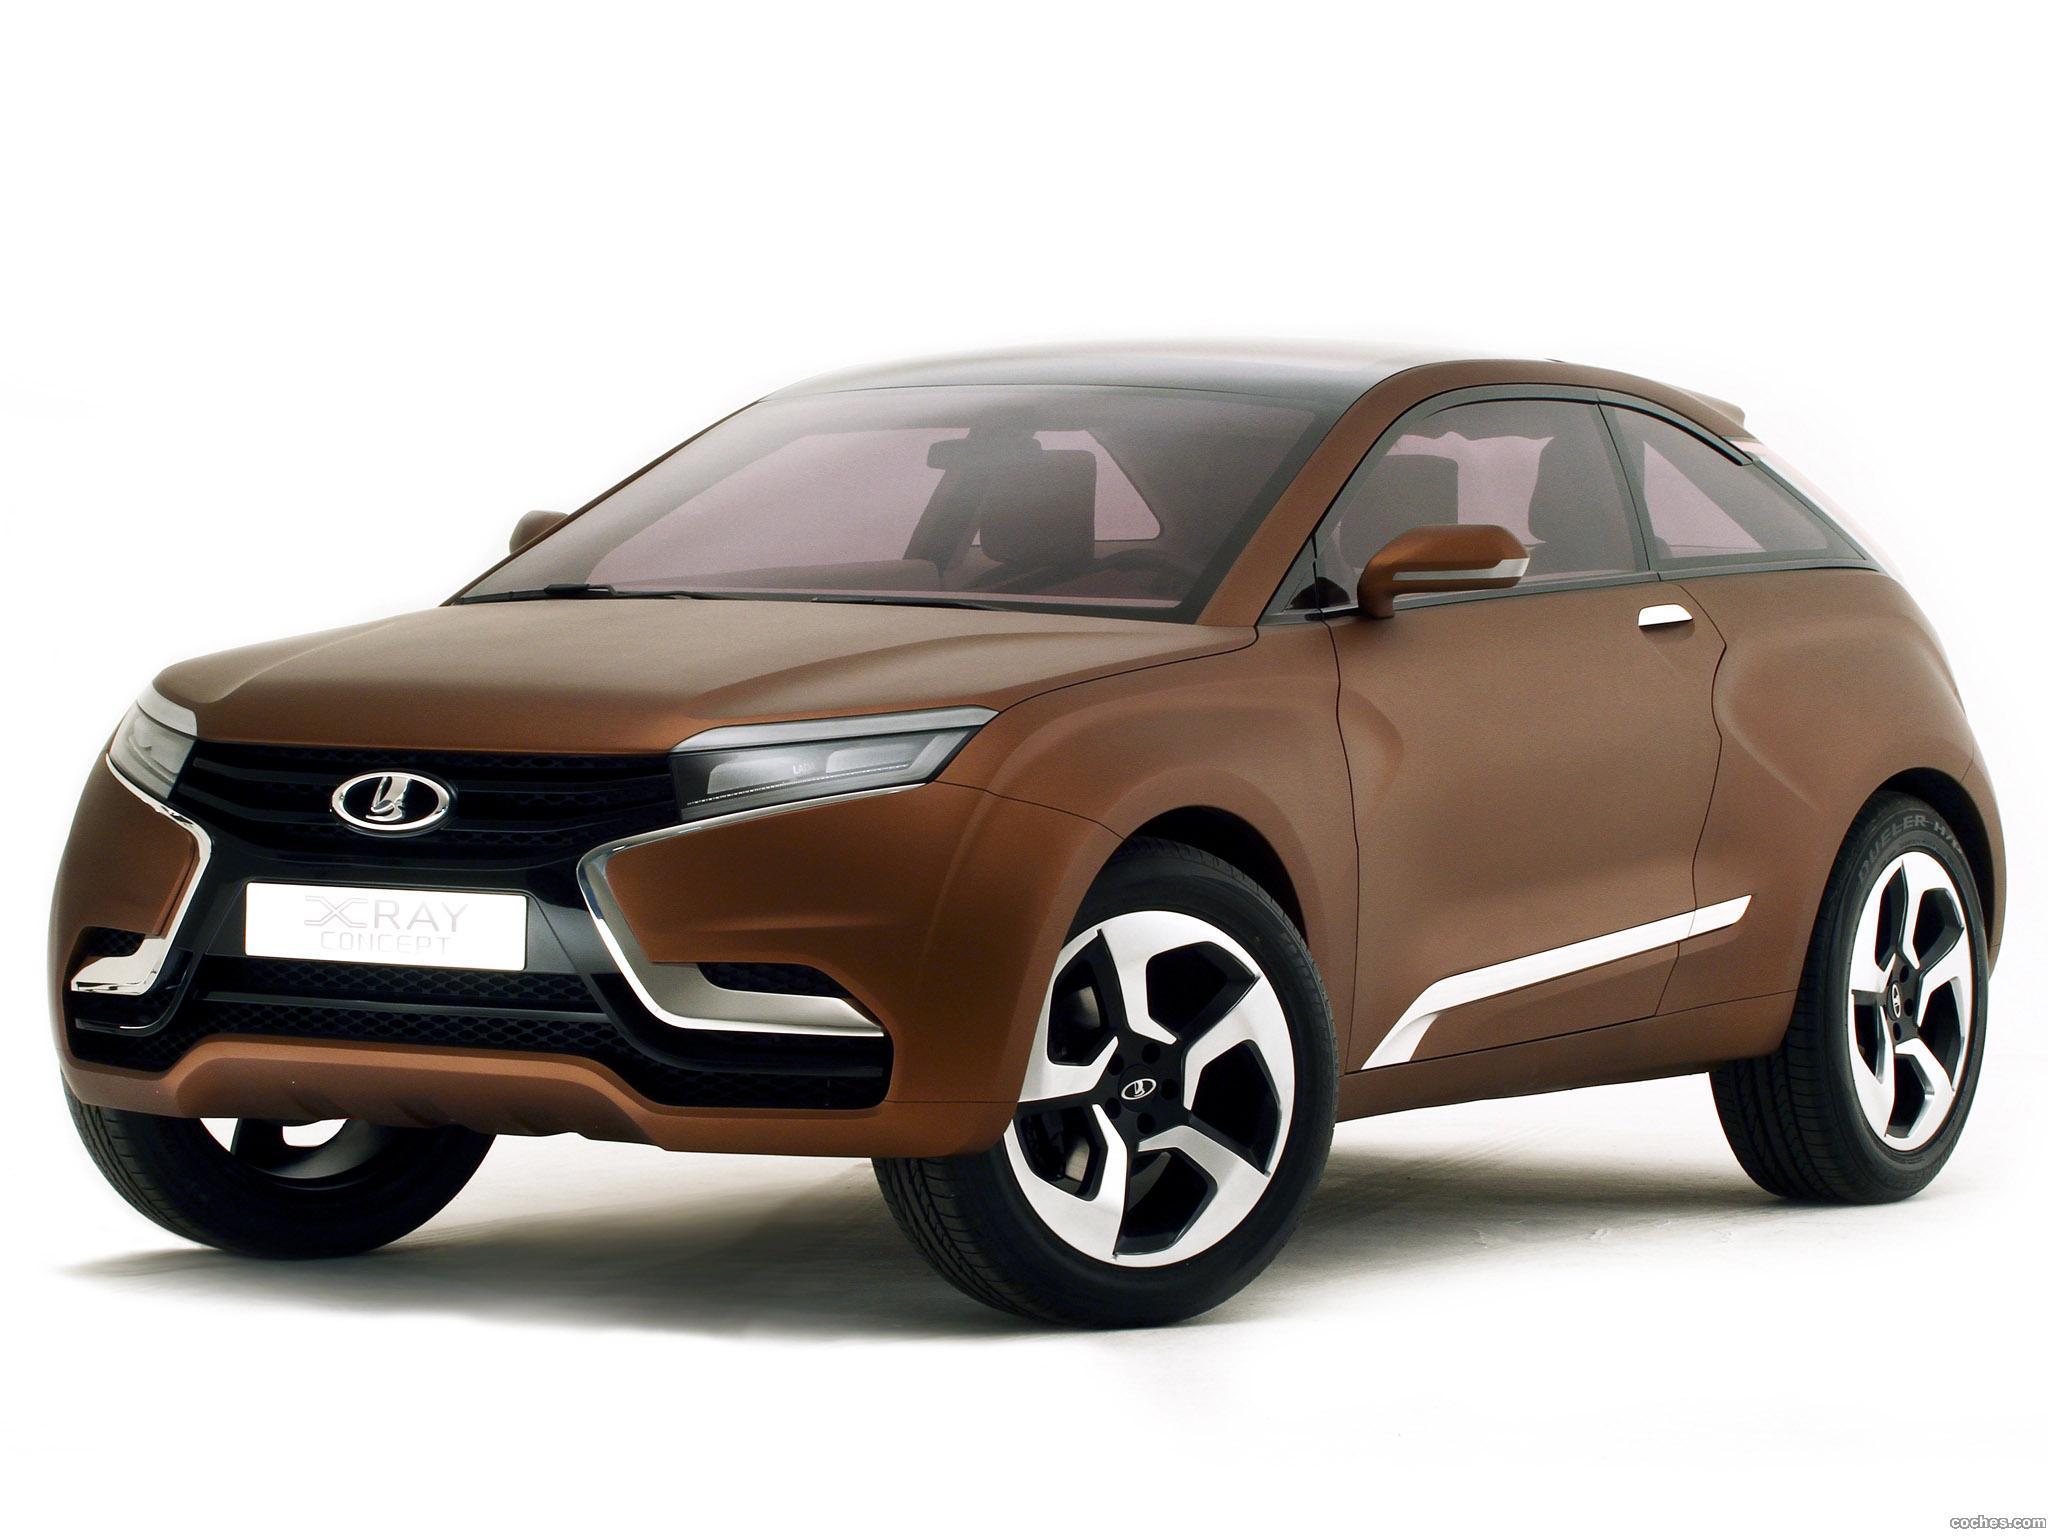 Foto 12 de Lada XRAY Concept 2012